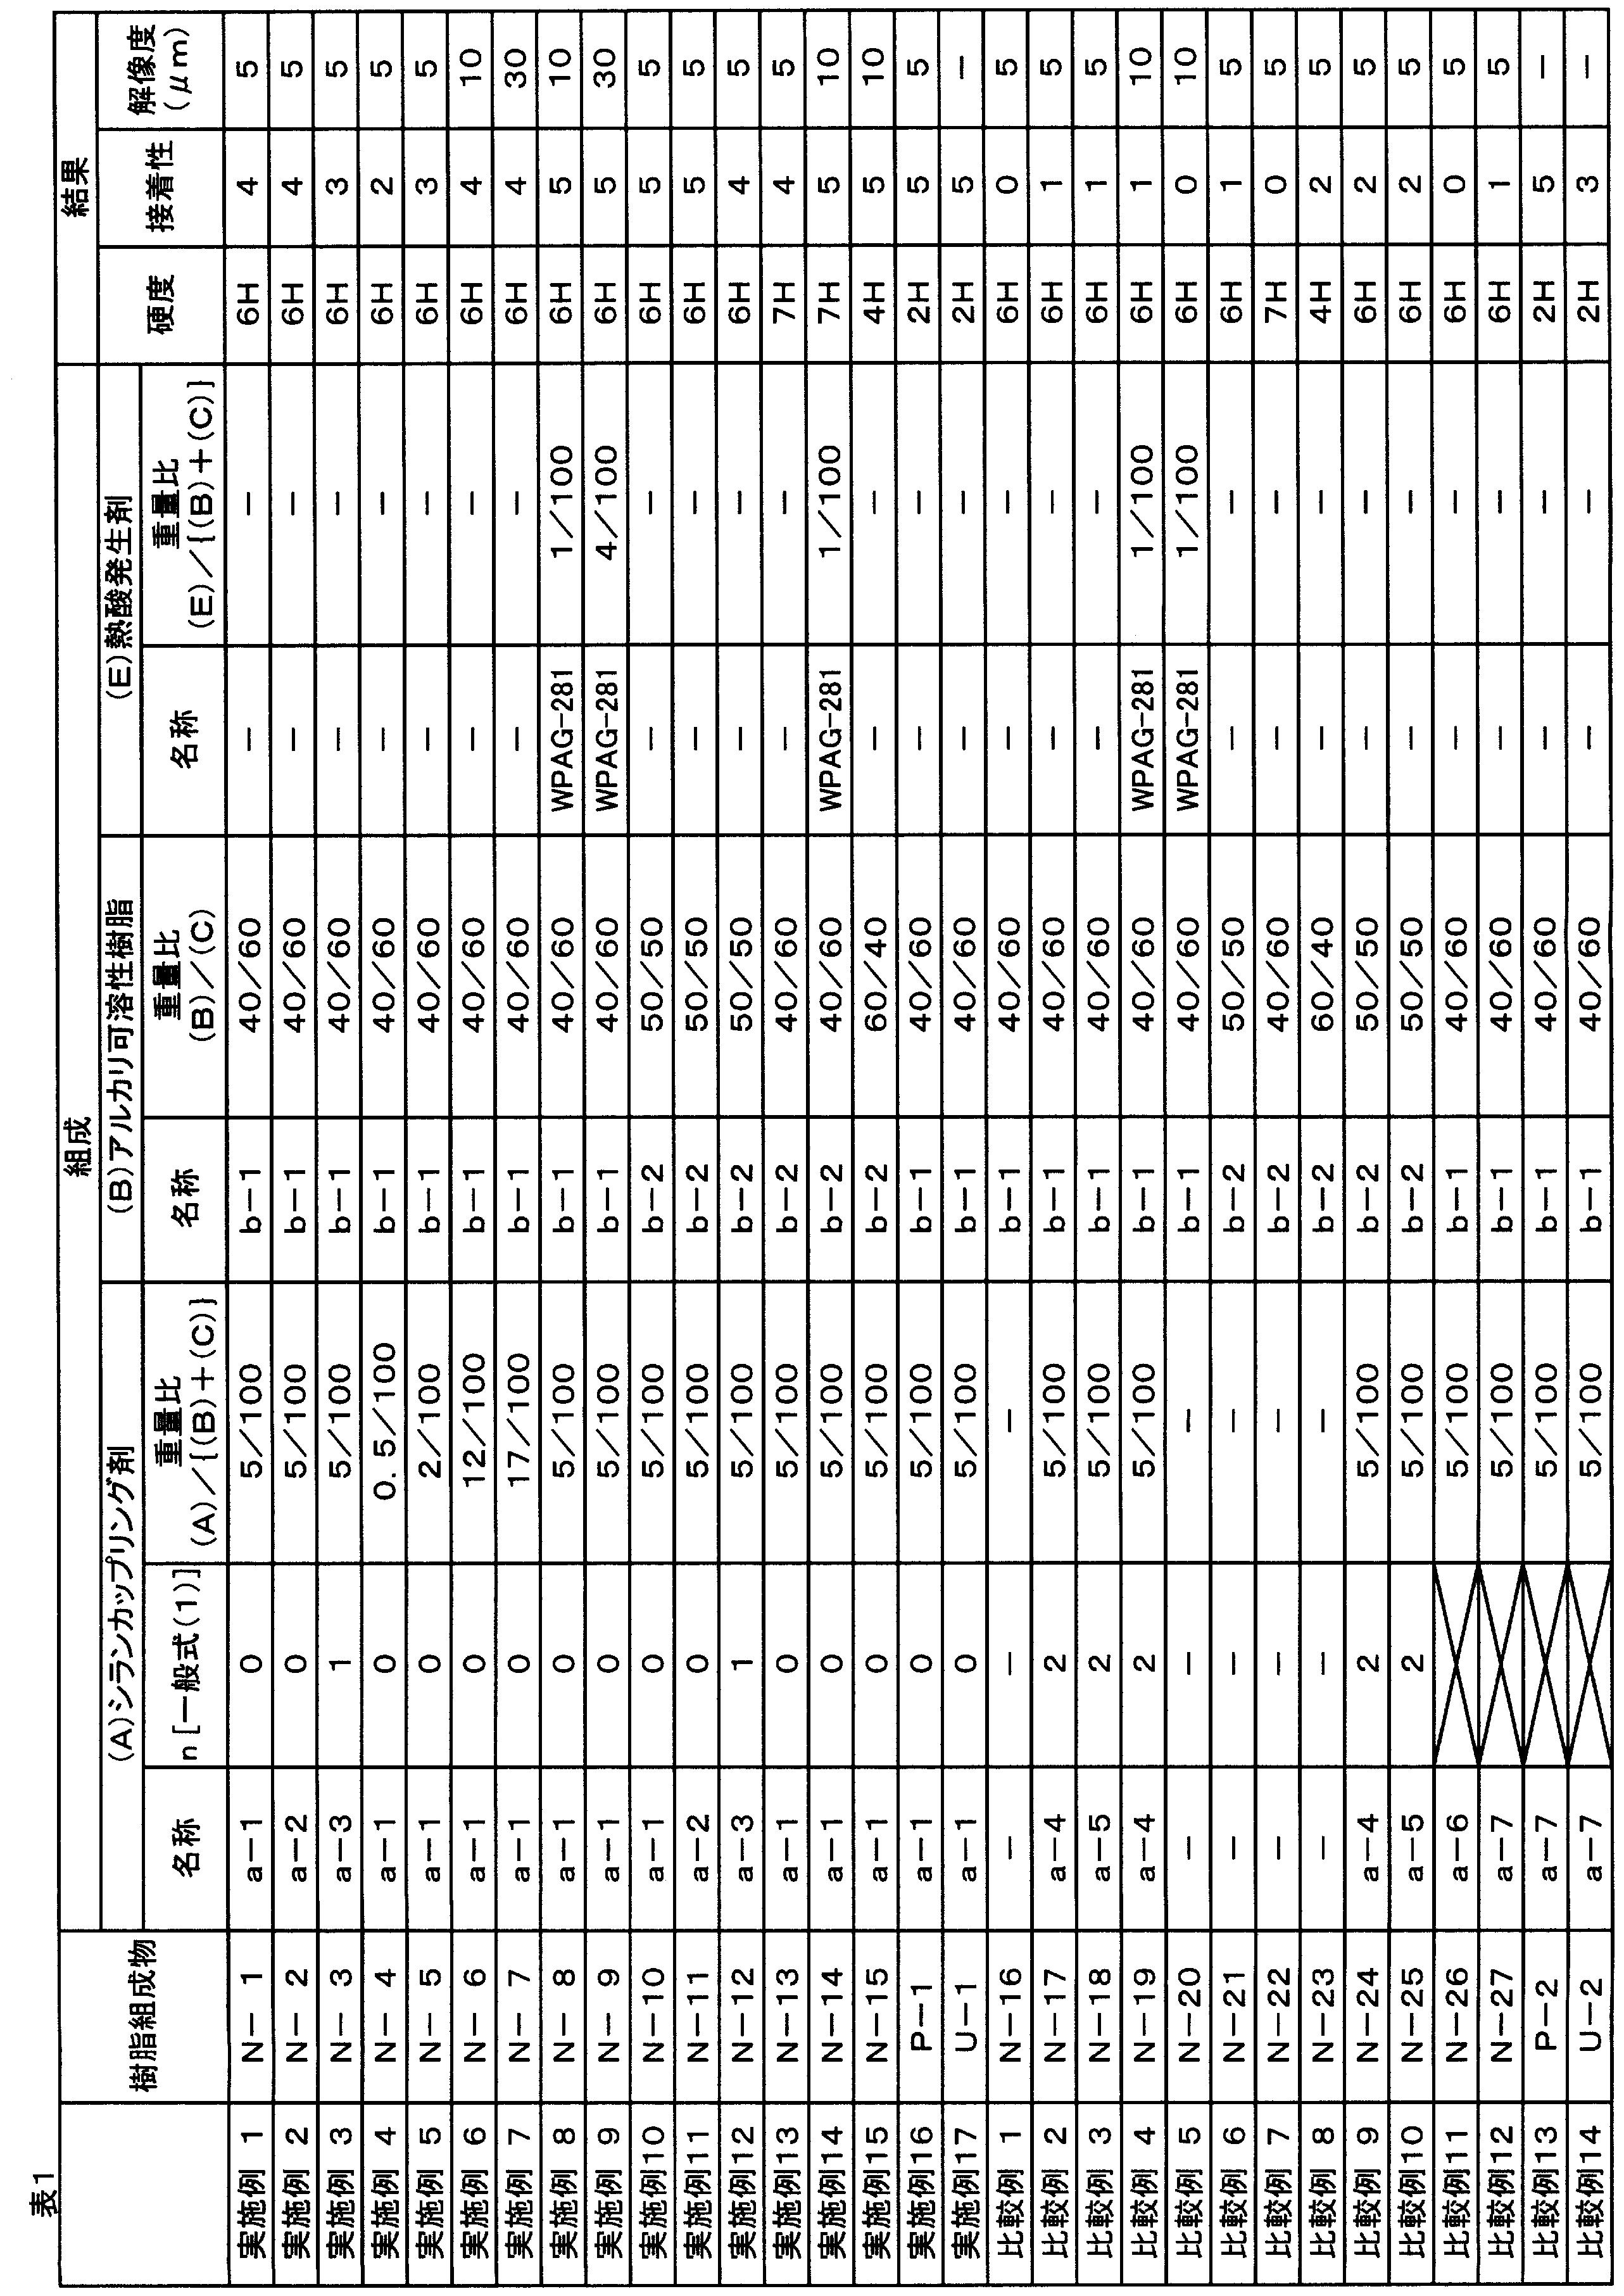 WO2011114995A1 - シランカップリング剤、ネガ型感光性樹脂組成物、硬化膜、およびタッチパネル用部材         - Google PatentsFamily